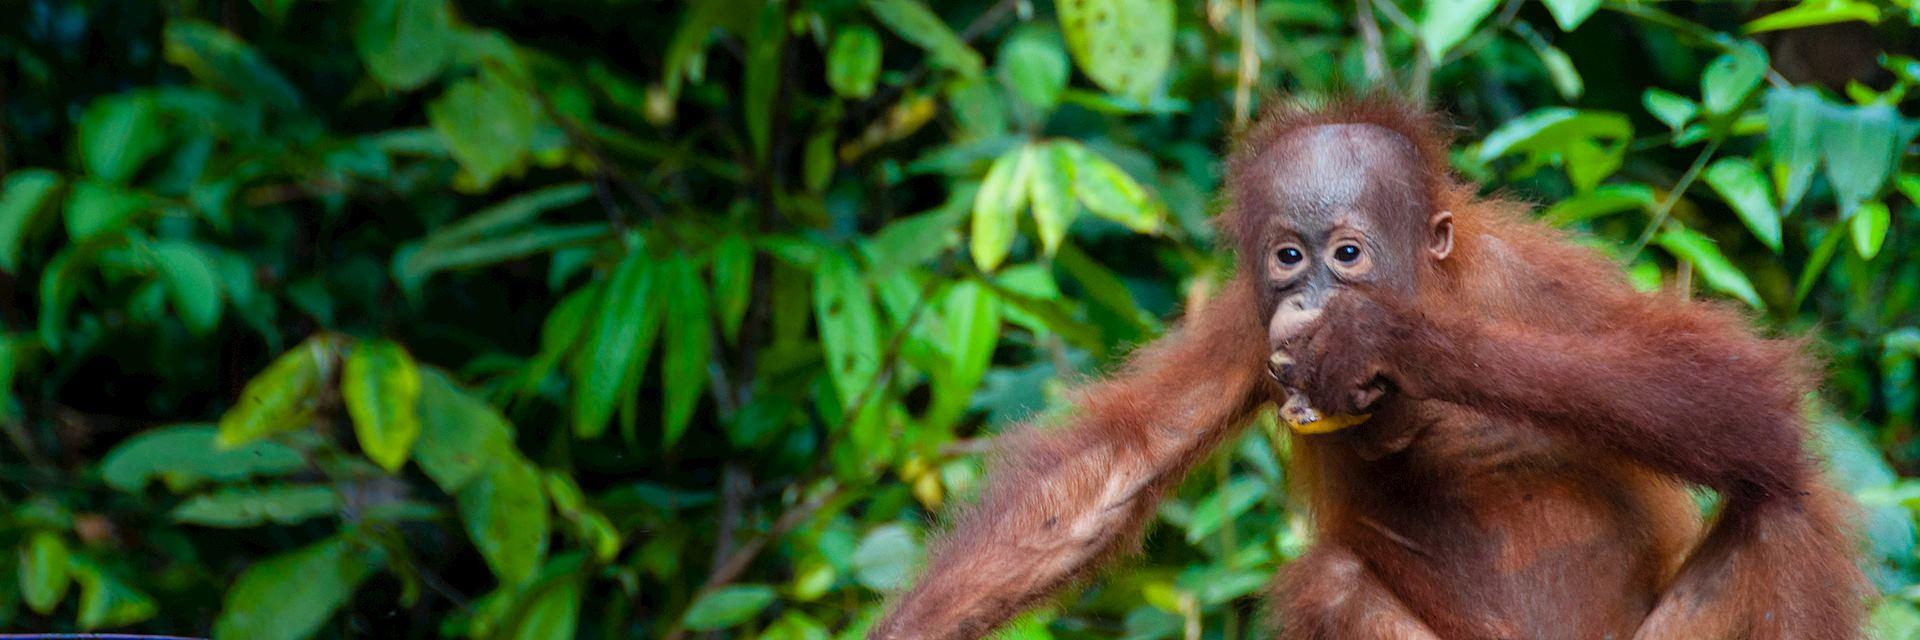 Young orangutan, Sumatra, Indonesia